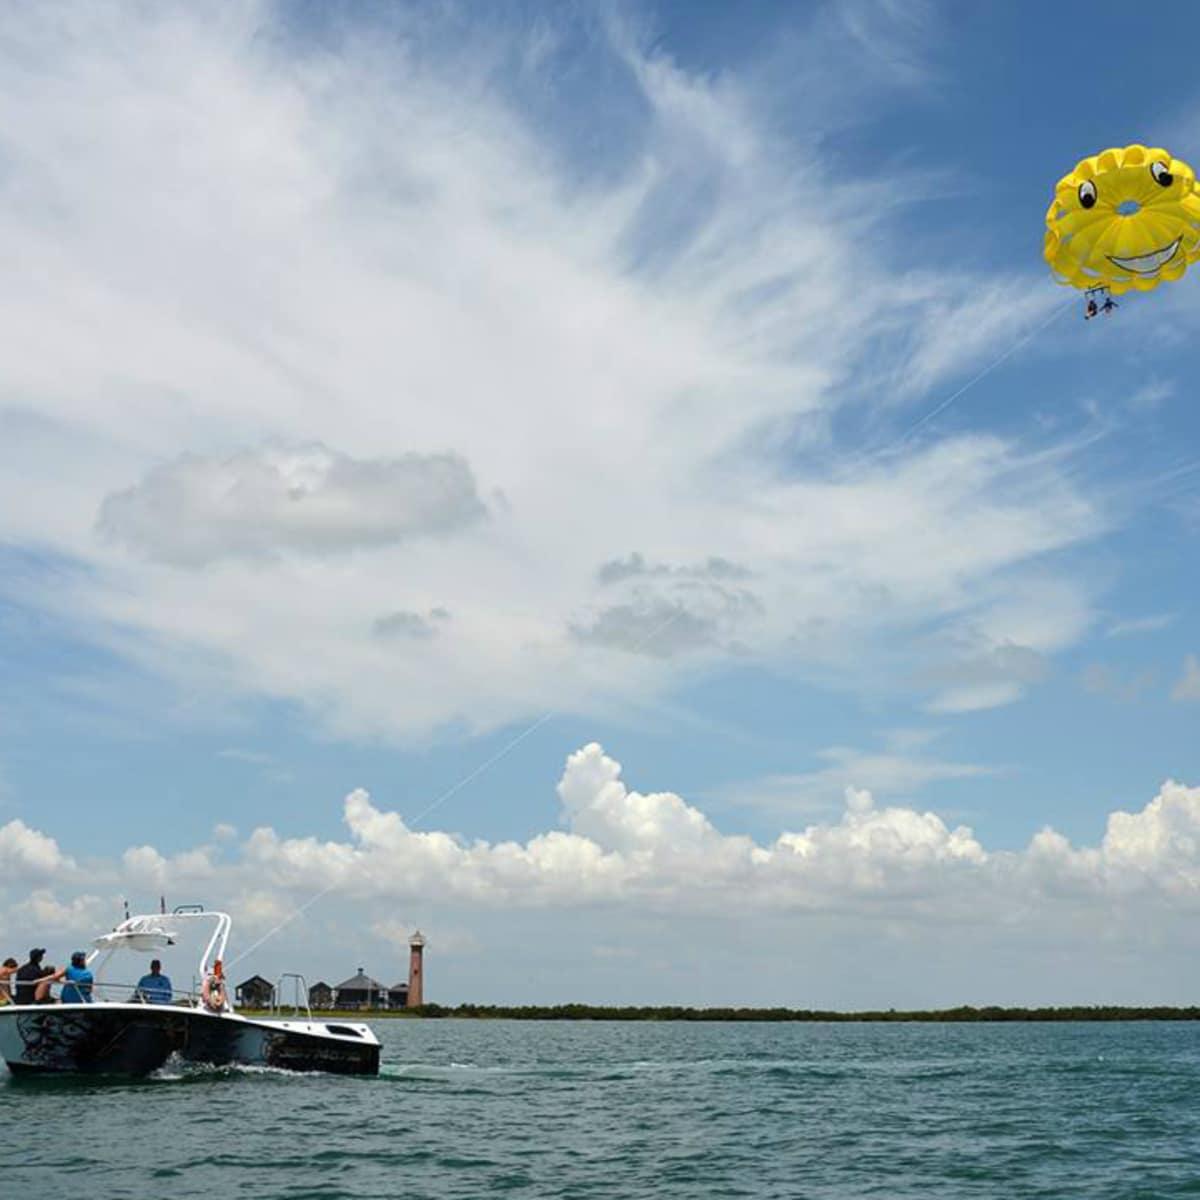 Chute Em Up Parasailing Port Aransas Gulf of Mexico boat